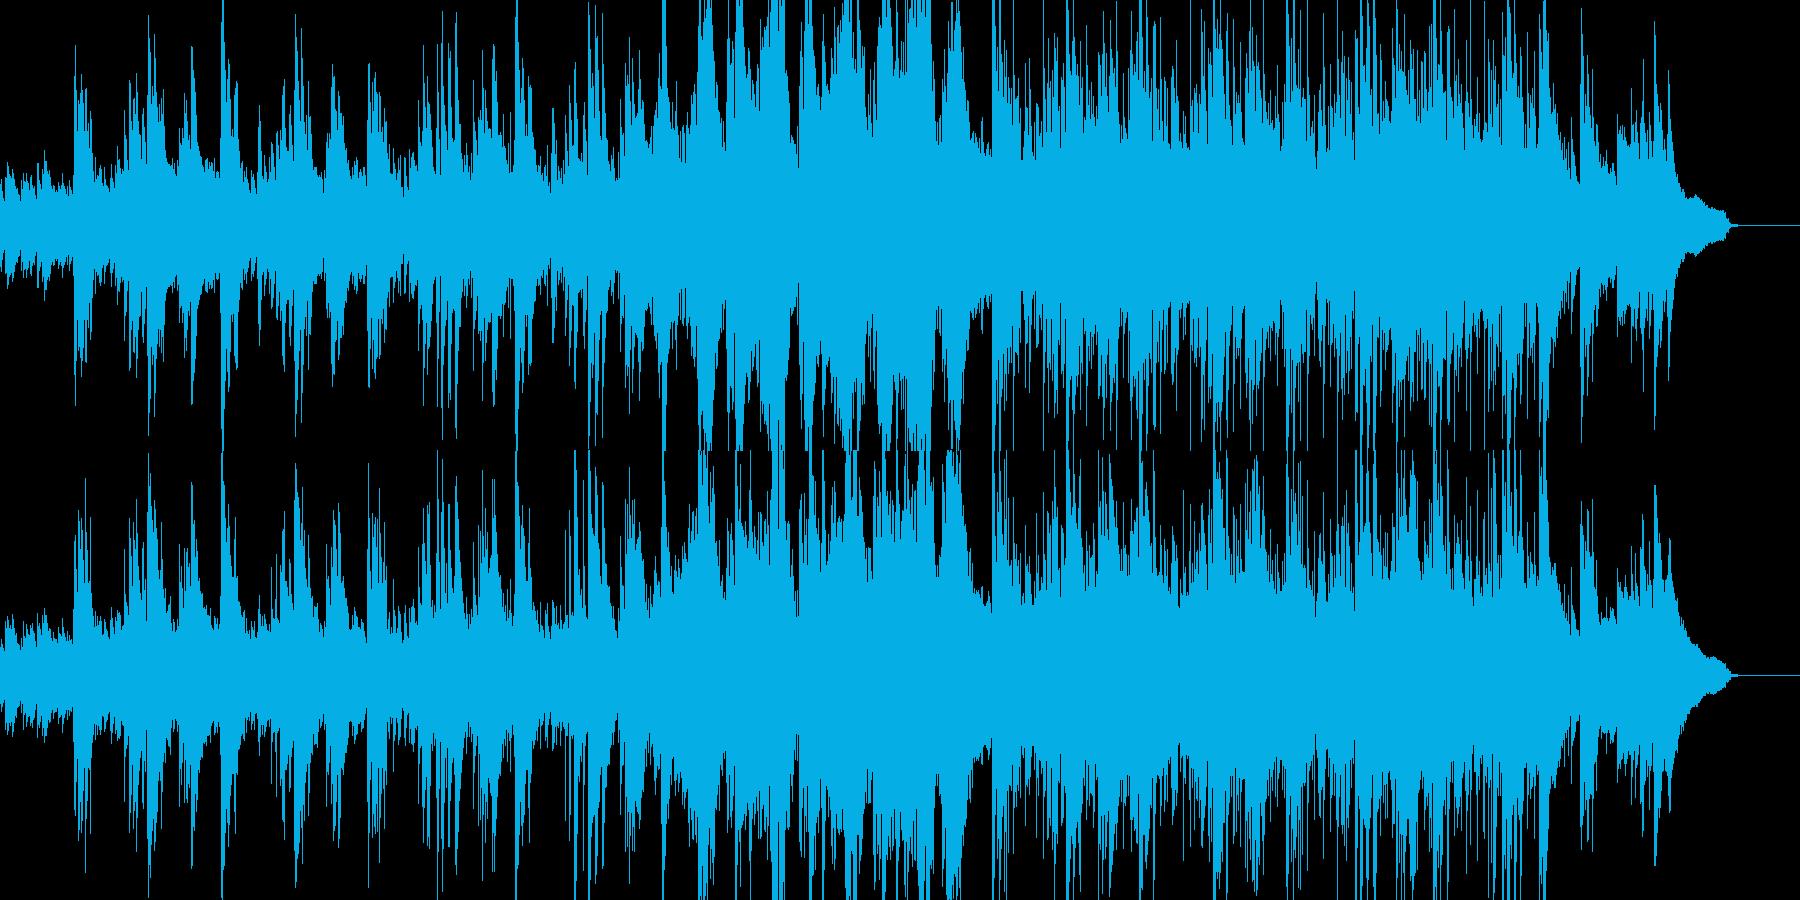 アコギ&ピアノの爽やかなアニメBGM風の再生済みの波形